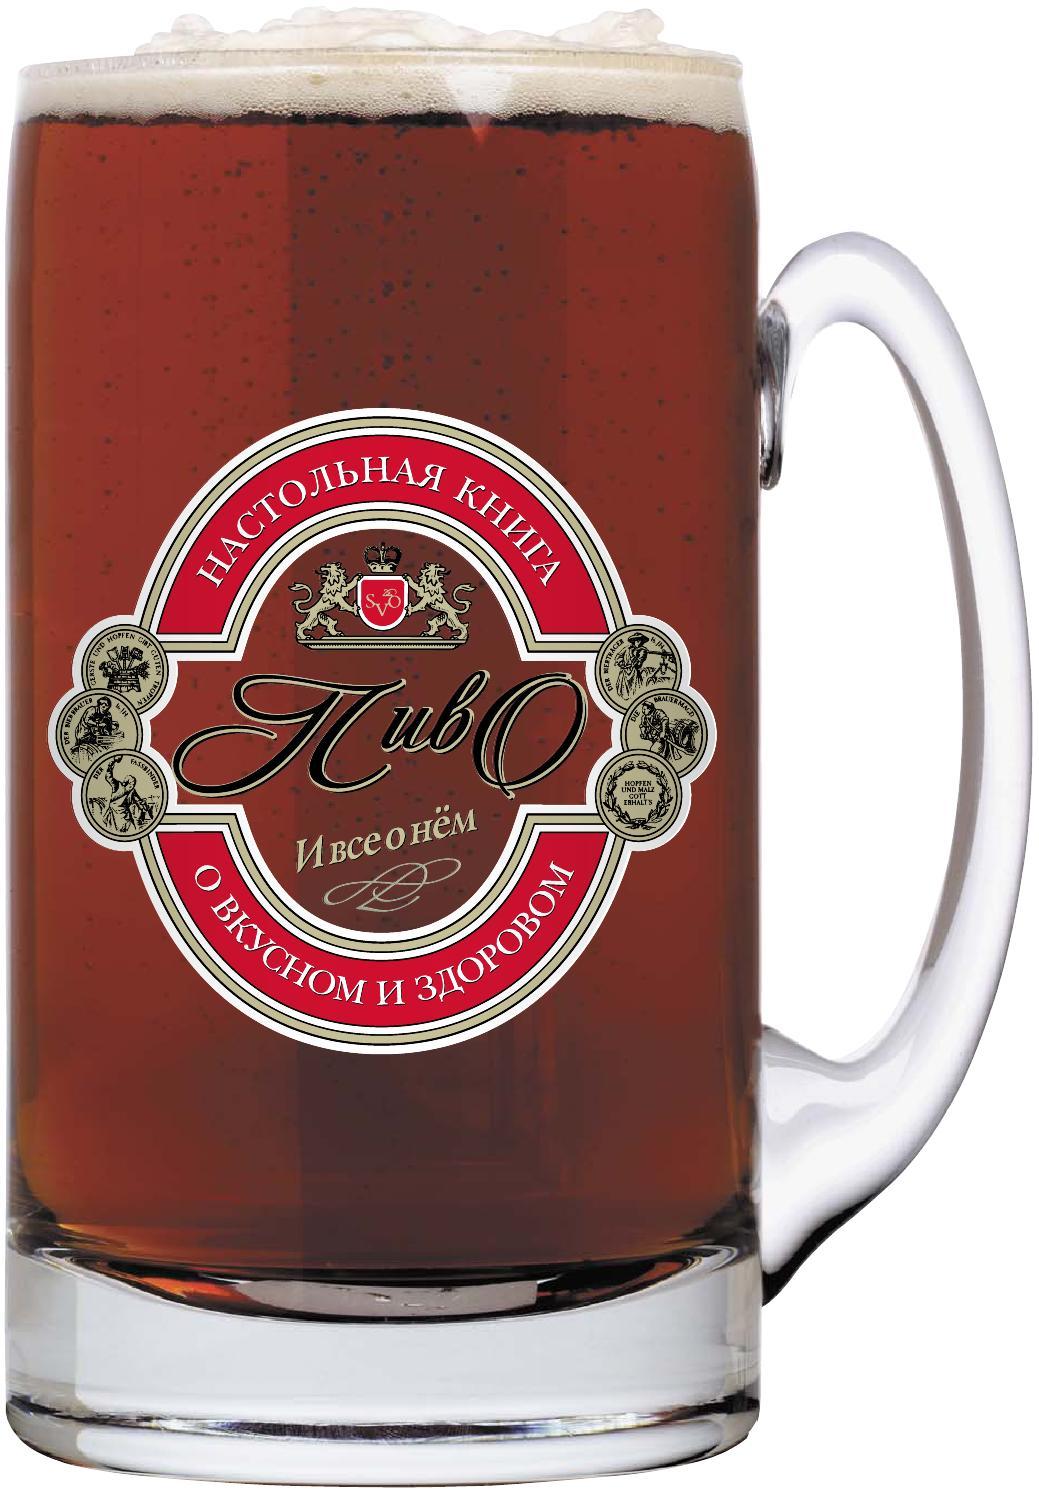 Наиболее популярное американское пивоЖенские радости